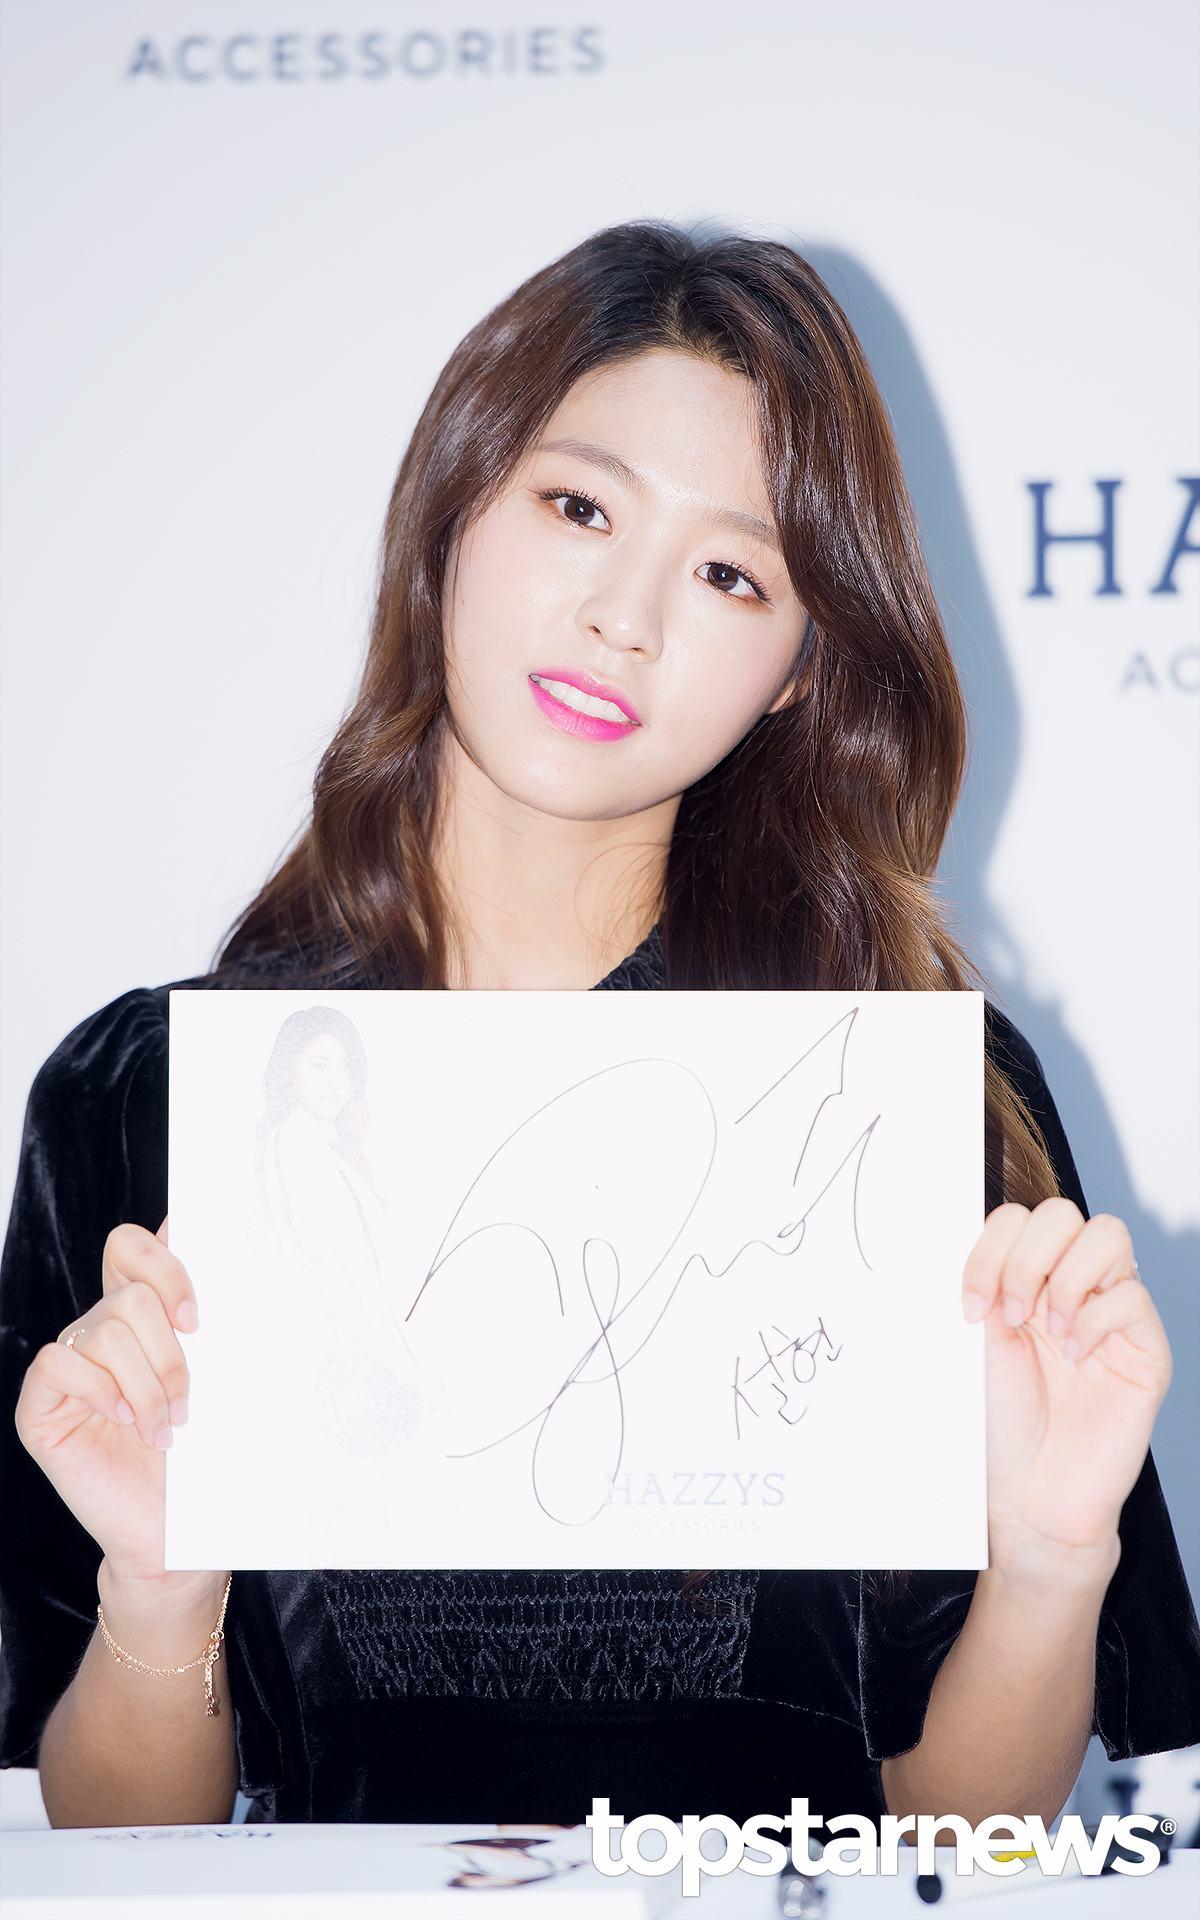 雪炫選擇了稍微泛著藍紫色光的口紅, 率性中透著這些許少女情懷; 光潔發亮的好皮膚搭配自然妝容, 大大提升了整體妝容的完成度哦^^